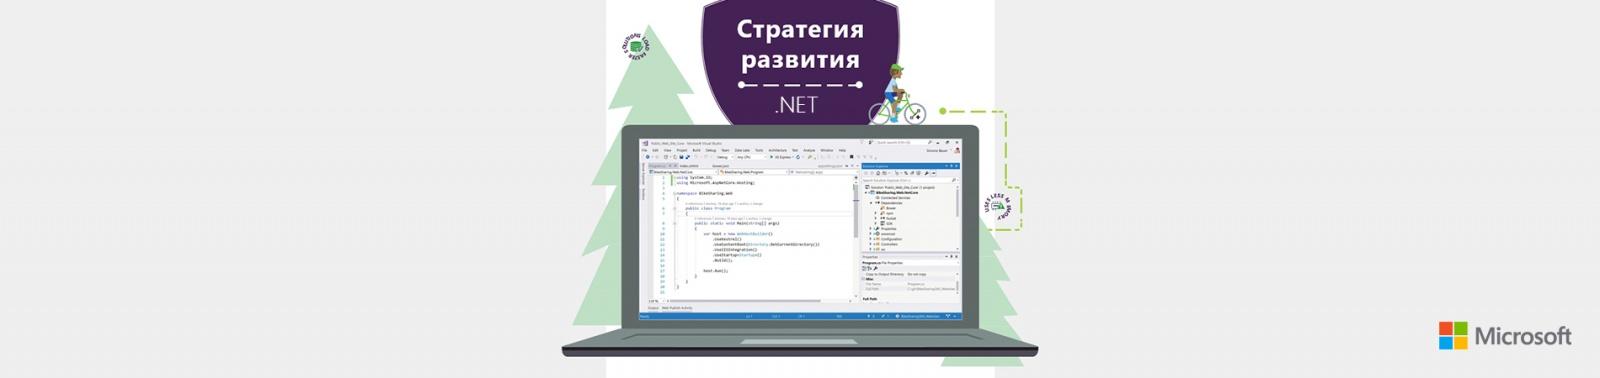 Стратегия развития языков программирования .NET - 1